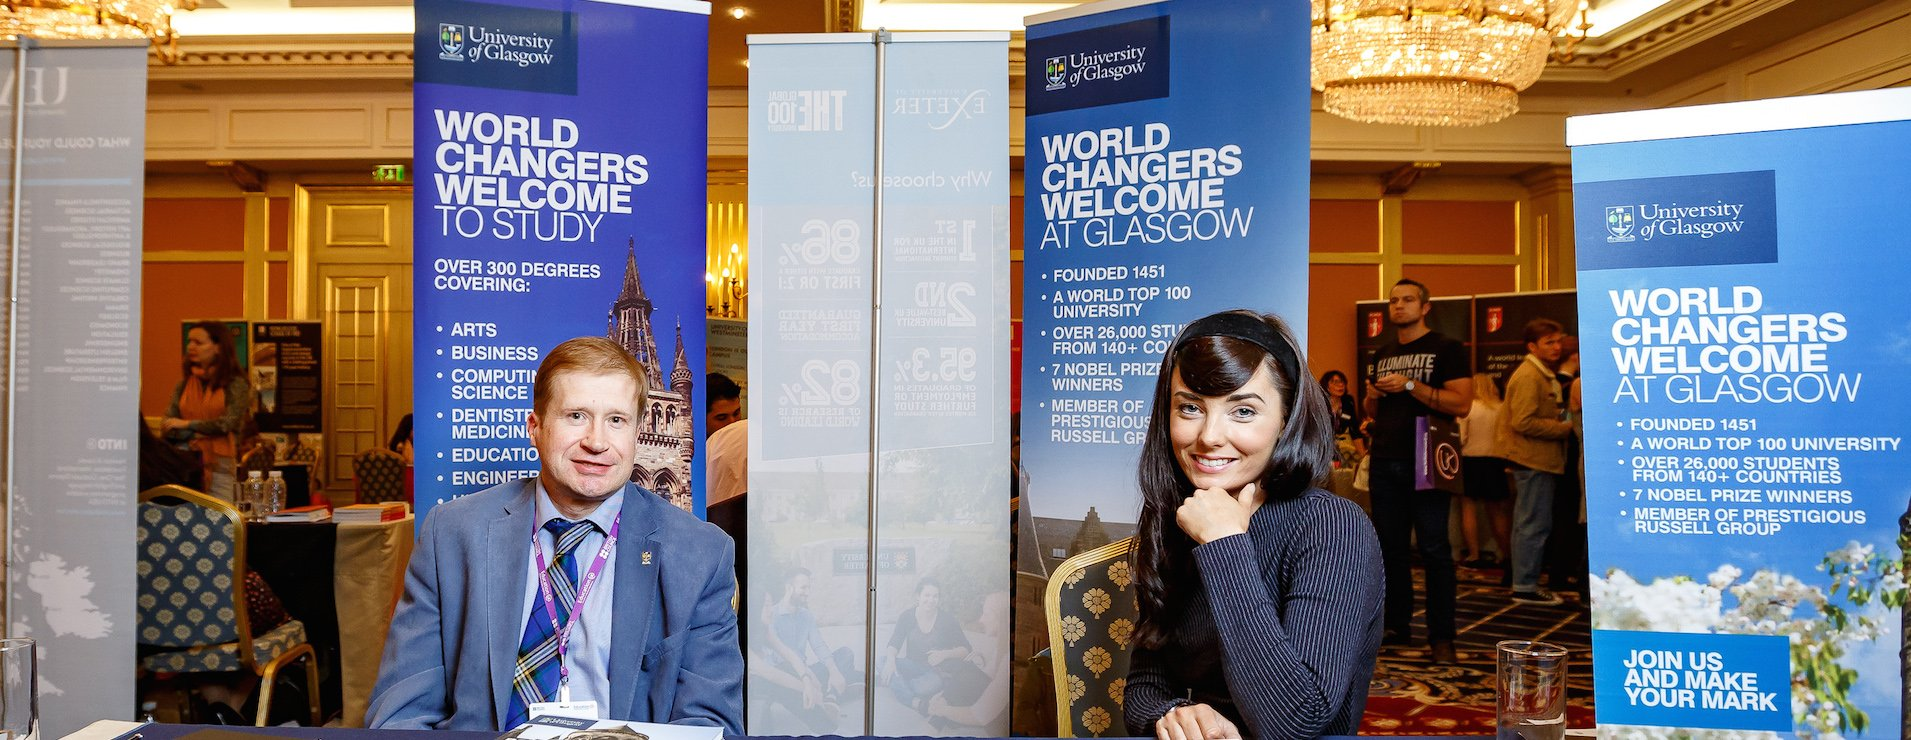 как поступить в университет глазго через представительство в России